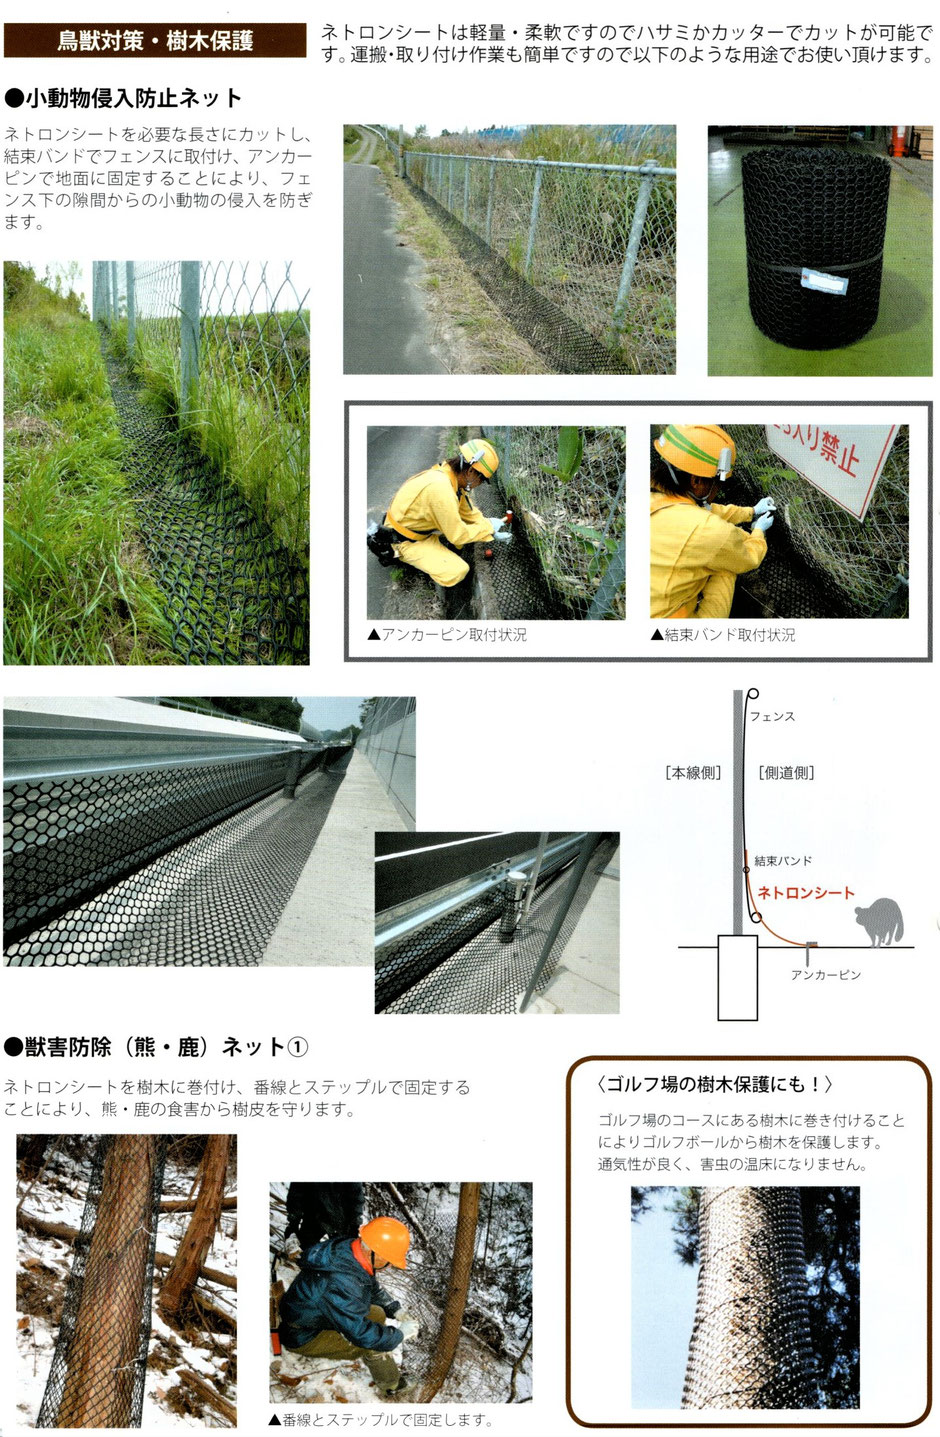 格安な、プラスチック製ネットで出来た防護フェンス(防止柵)をご紹介するページです。太陽光発電設備や自宅・工場・倉庫などの大切な建物や施設を、不審者やいのしし・鹿・たぬき・きつねなどの野獣から守ります。